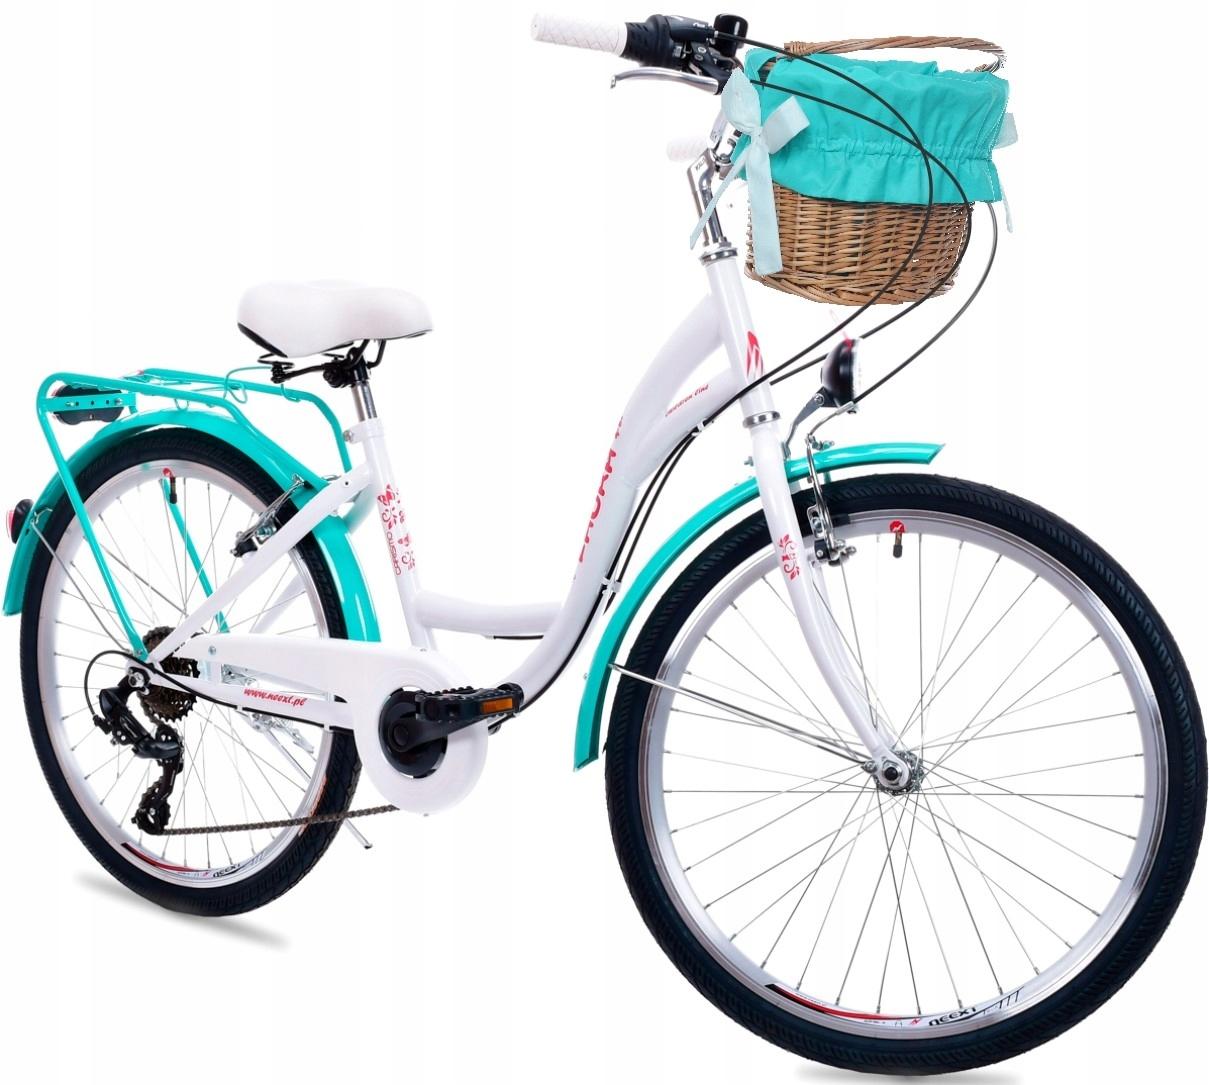 Dievčenskú na Bicykli Mesto 24 LAURA 6-rýchlostné SHIMANO